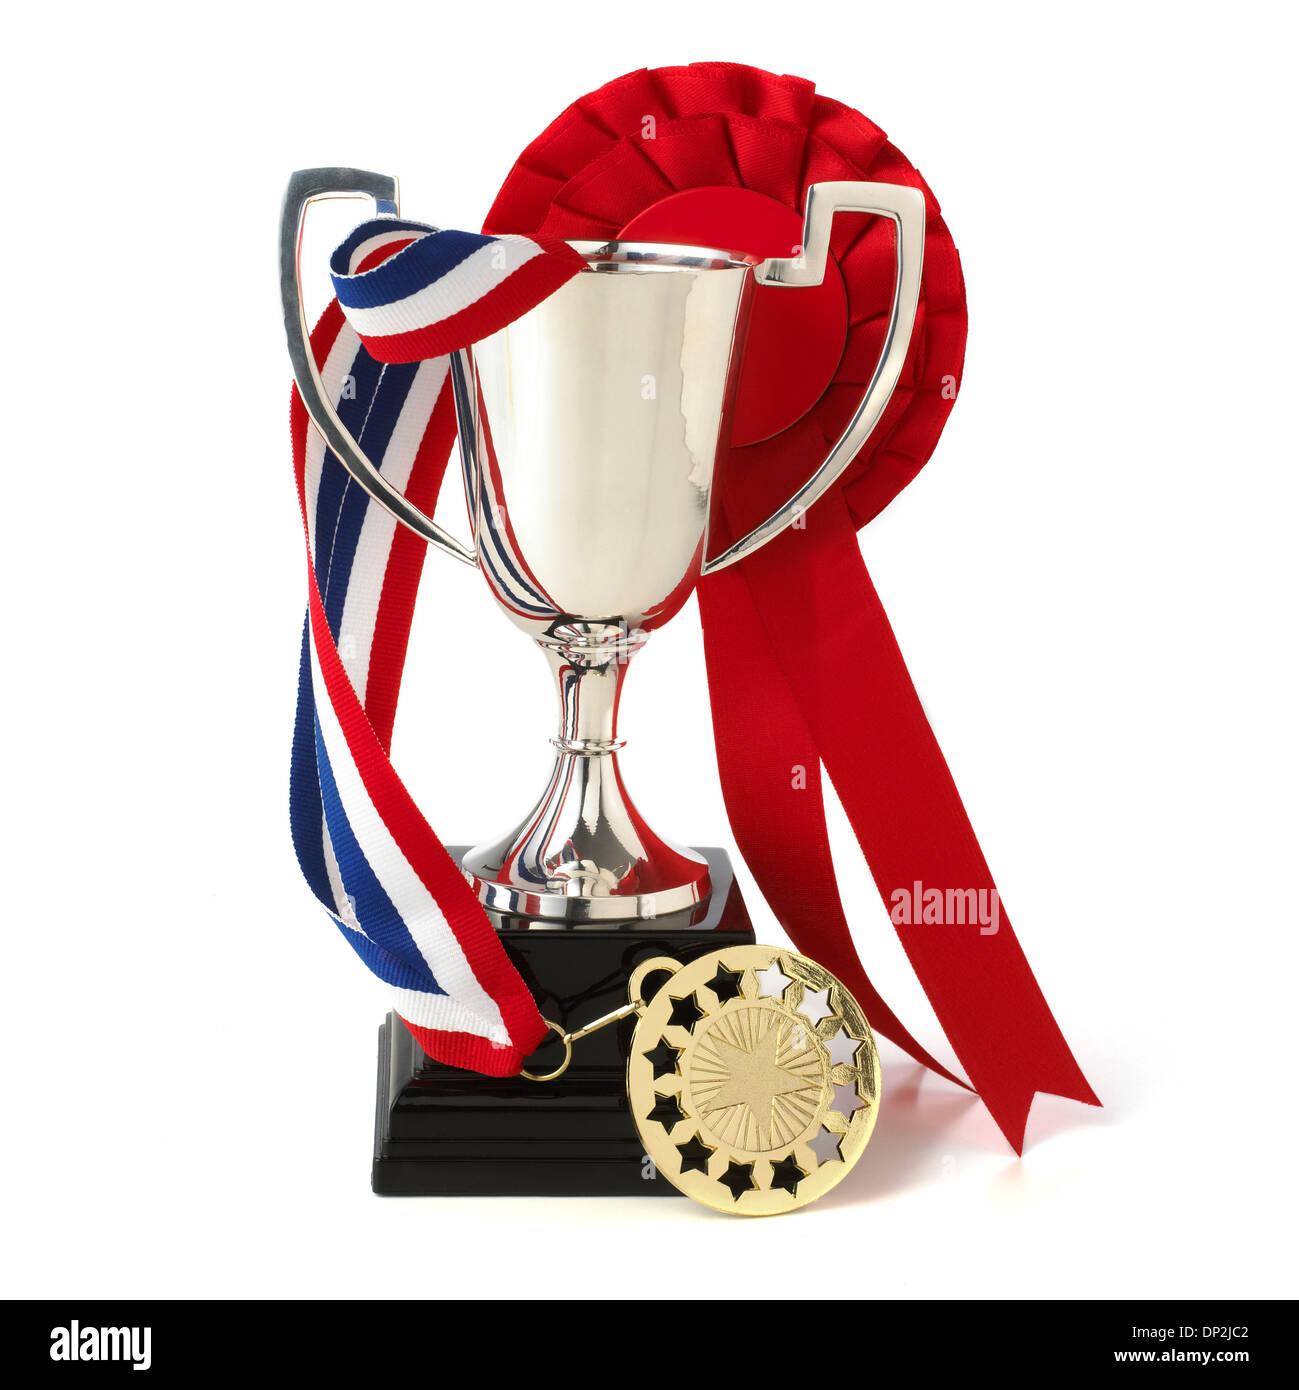 Achievement, conceptual image - Stock Image